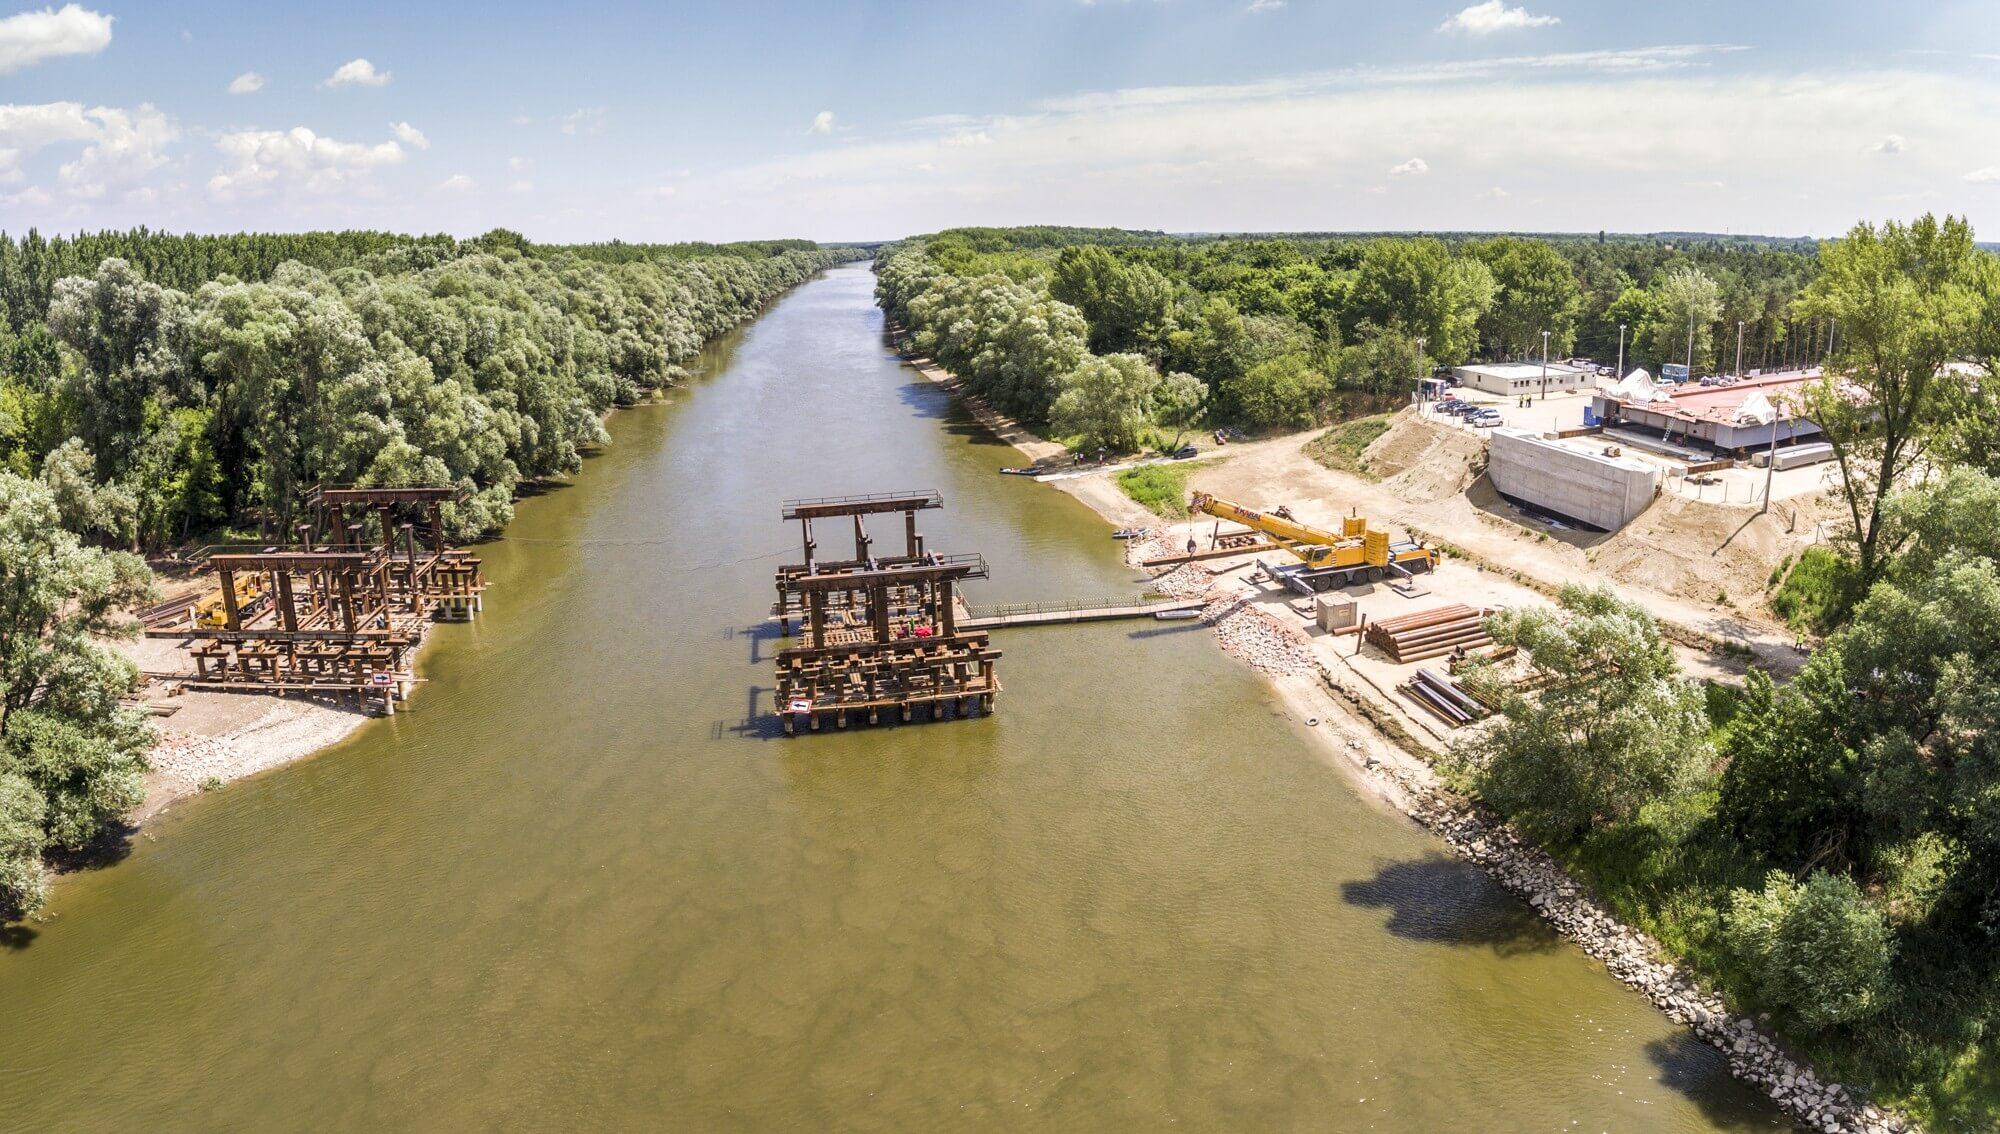 Megnyílt az ország legjelentősebb hídépítésének látogatóközpontja